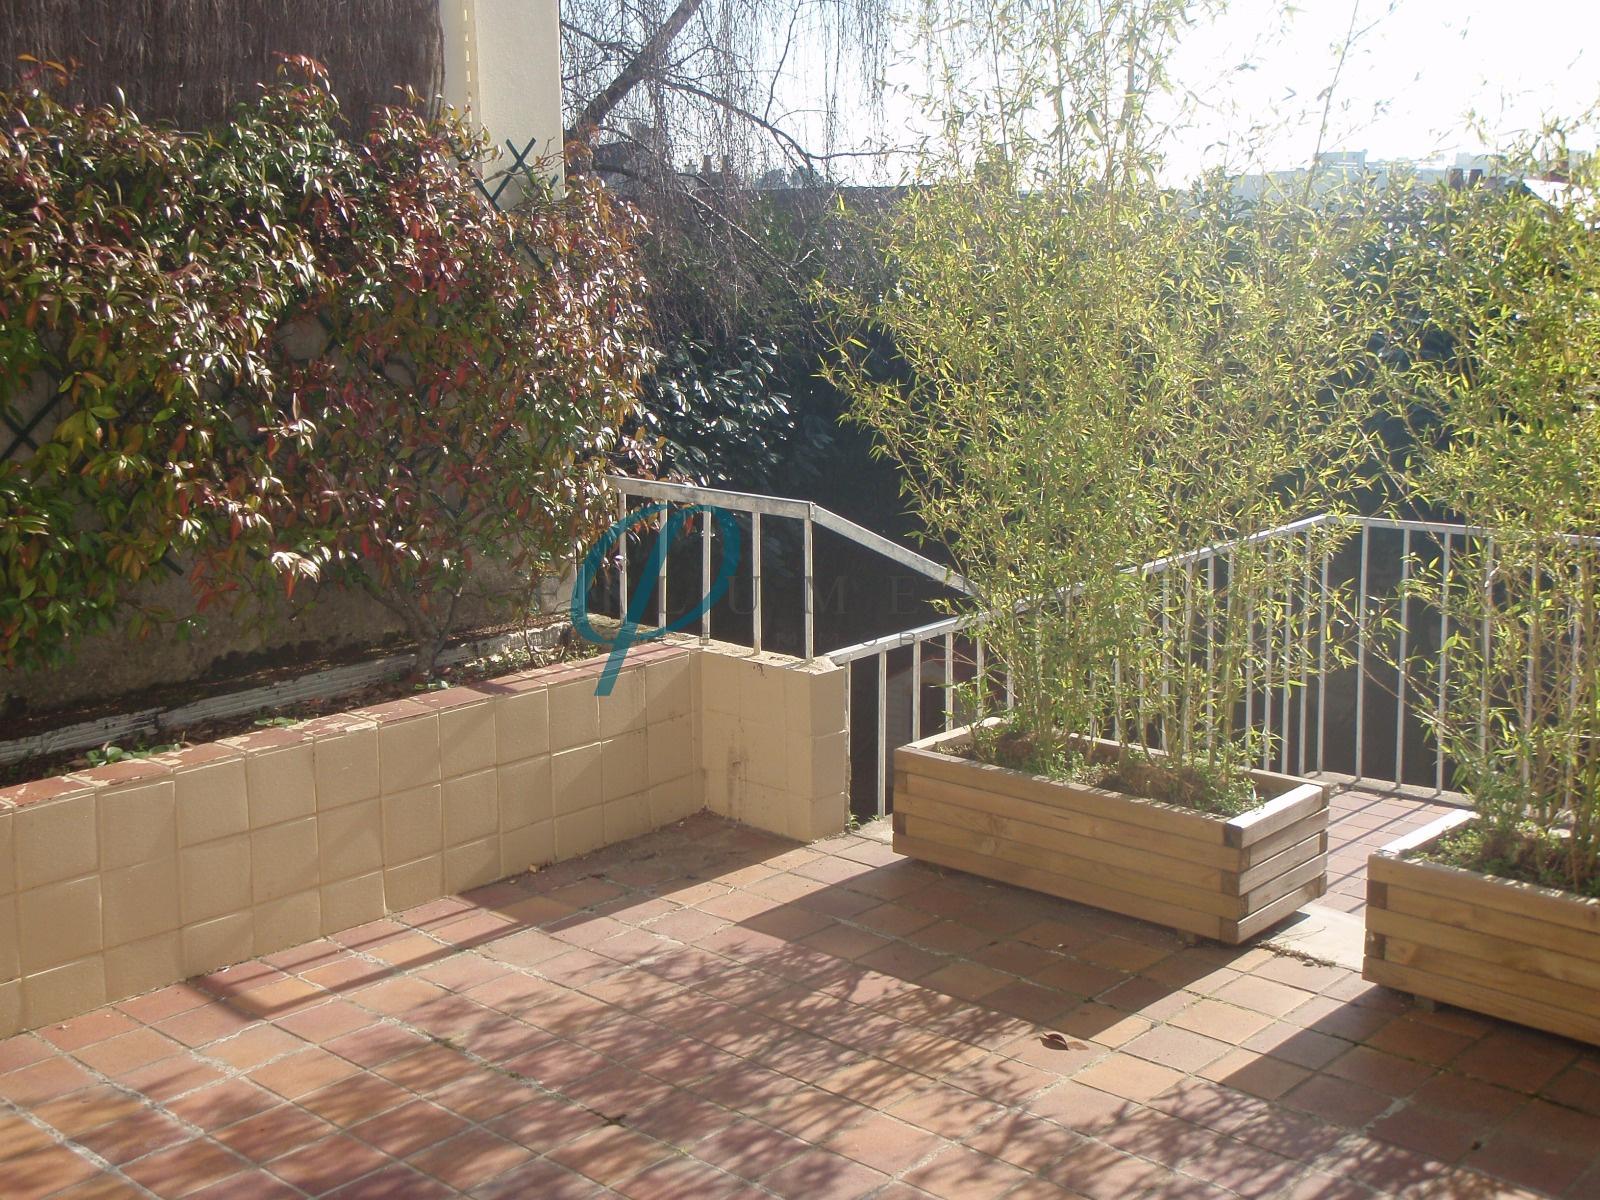 Vente exclusivite jules verne 150 m2 avec jardin for Garage jules verne nantes